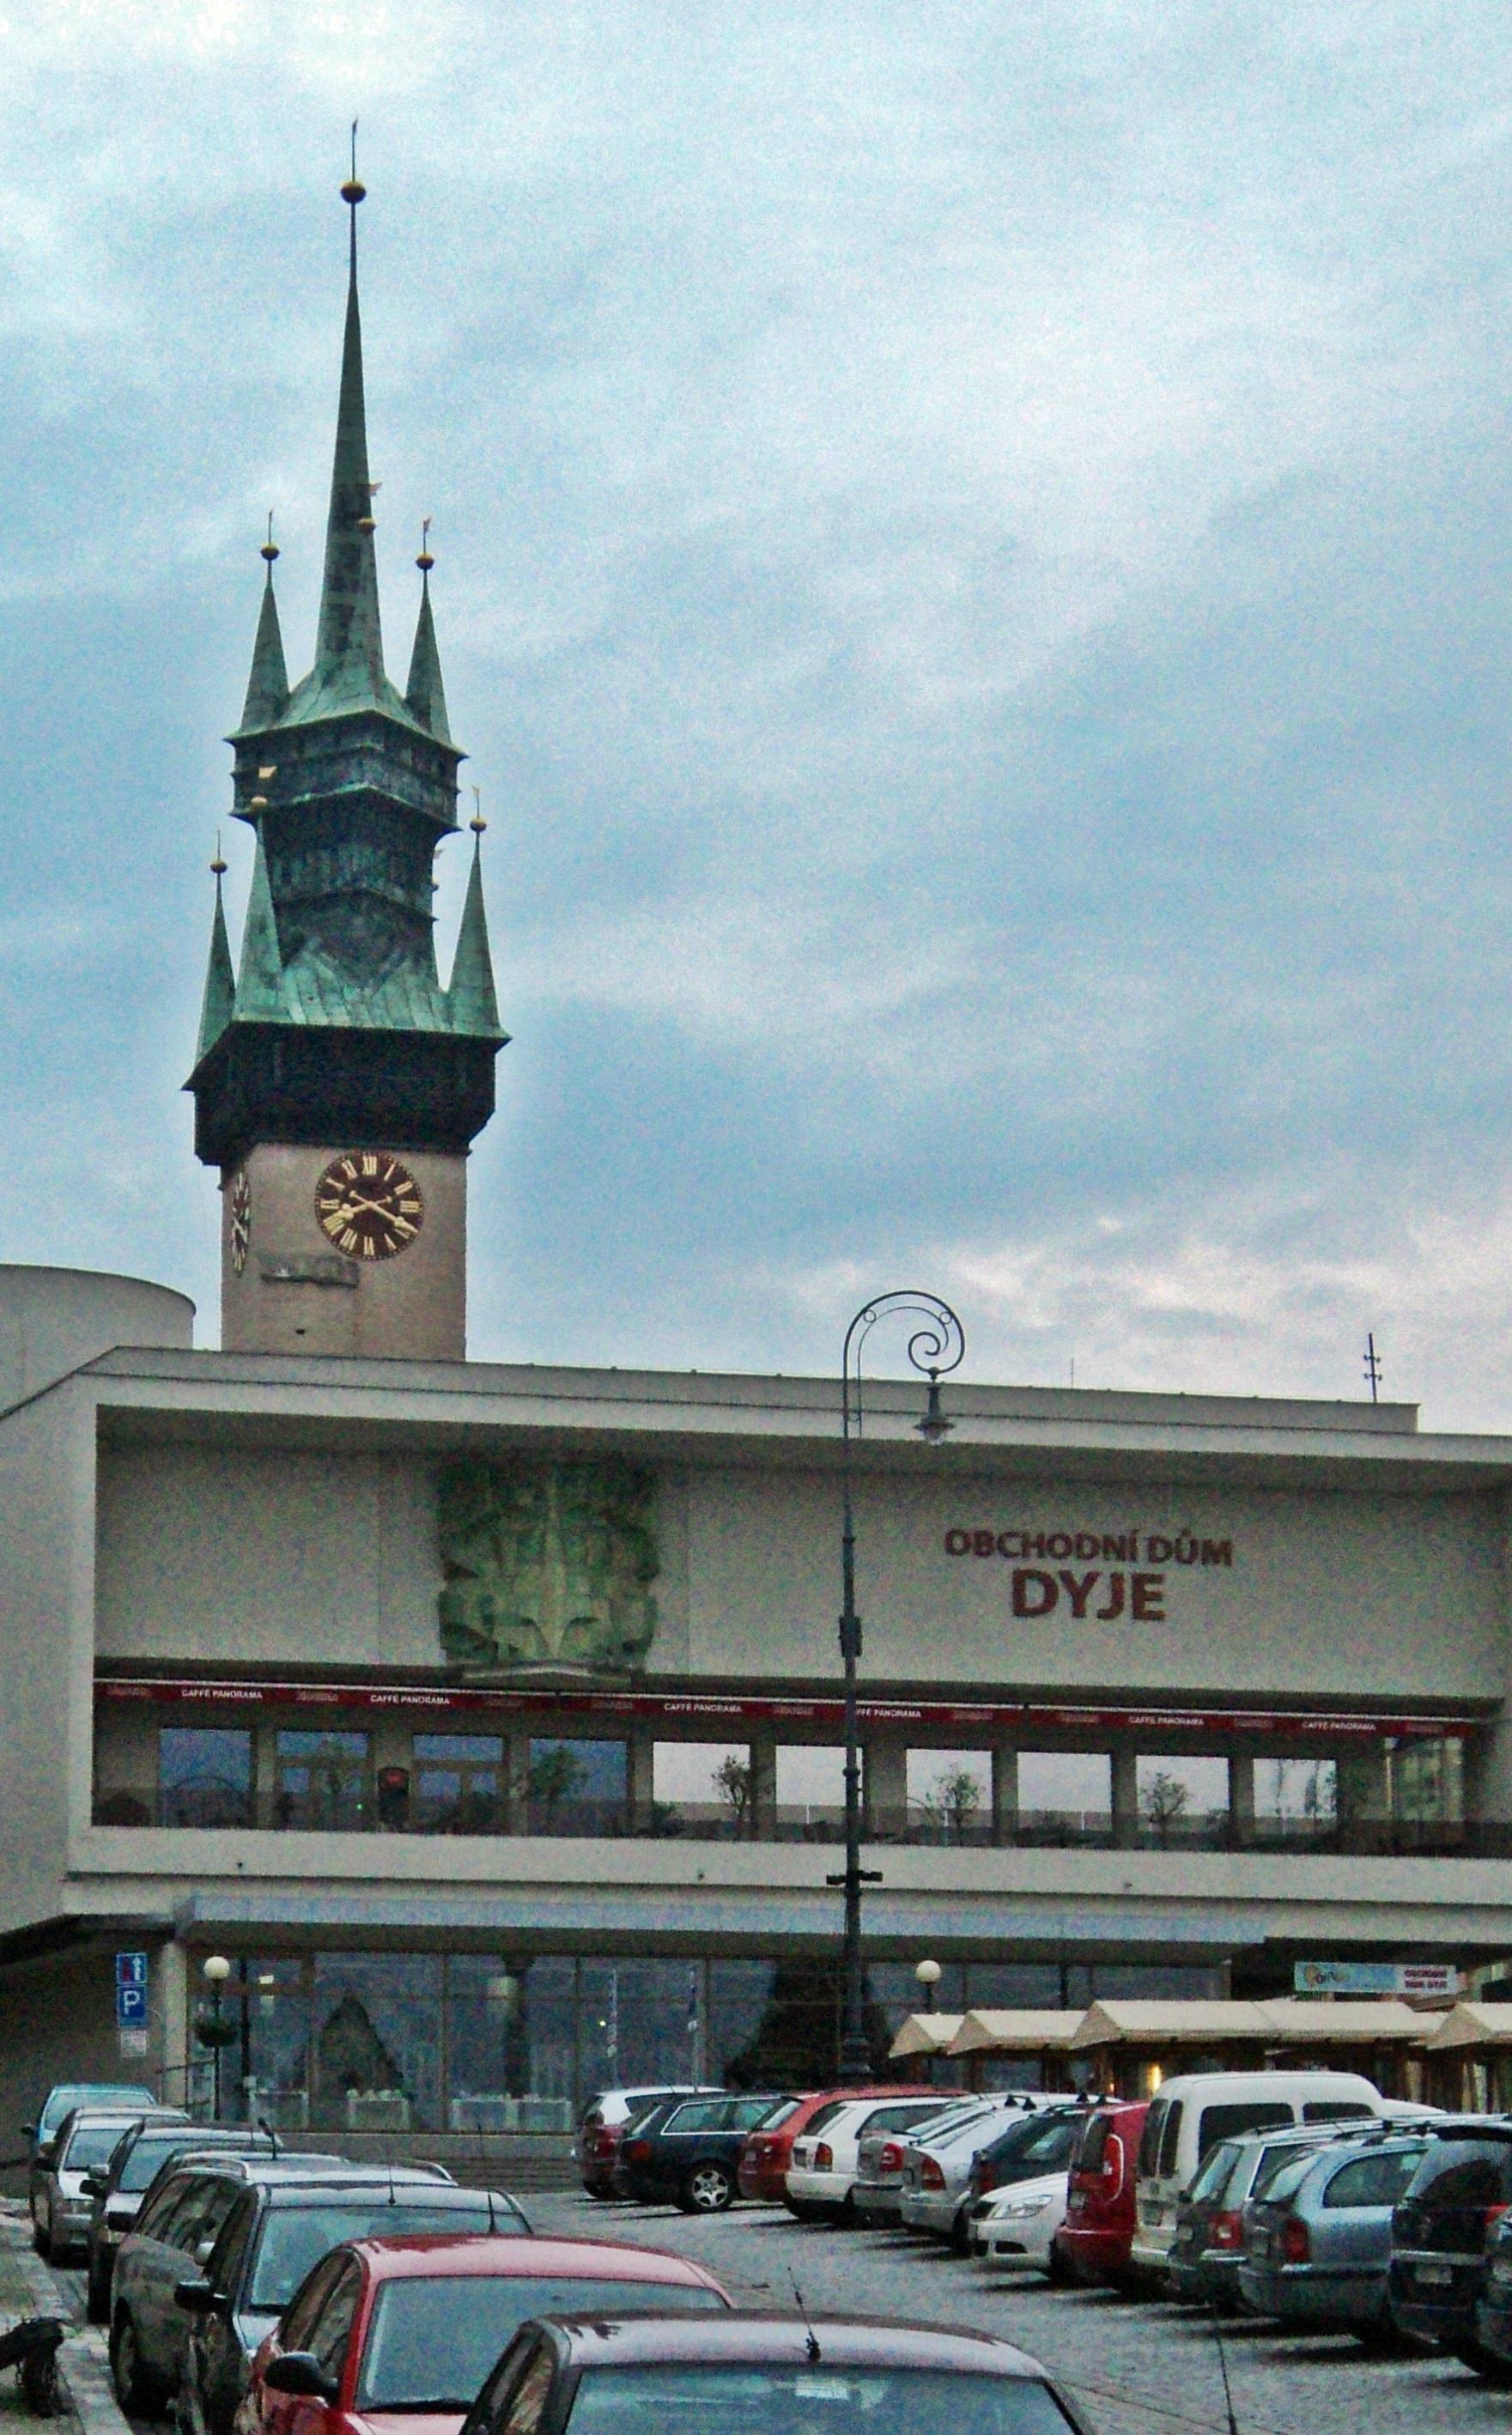 A szocreál Dyje áruház, és a Znojmo jellegzetessége - a városháza torony